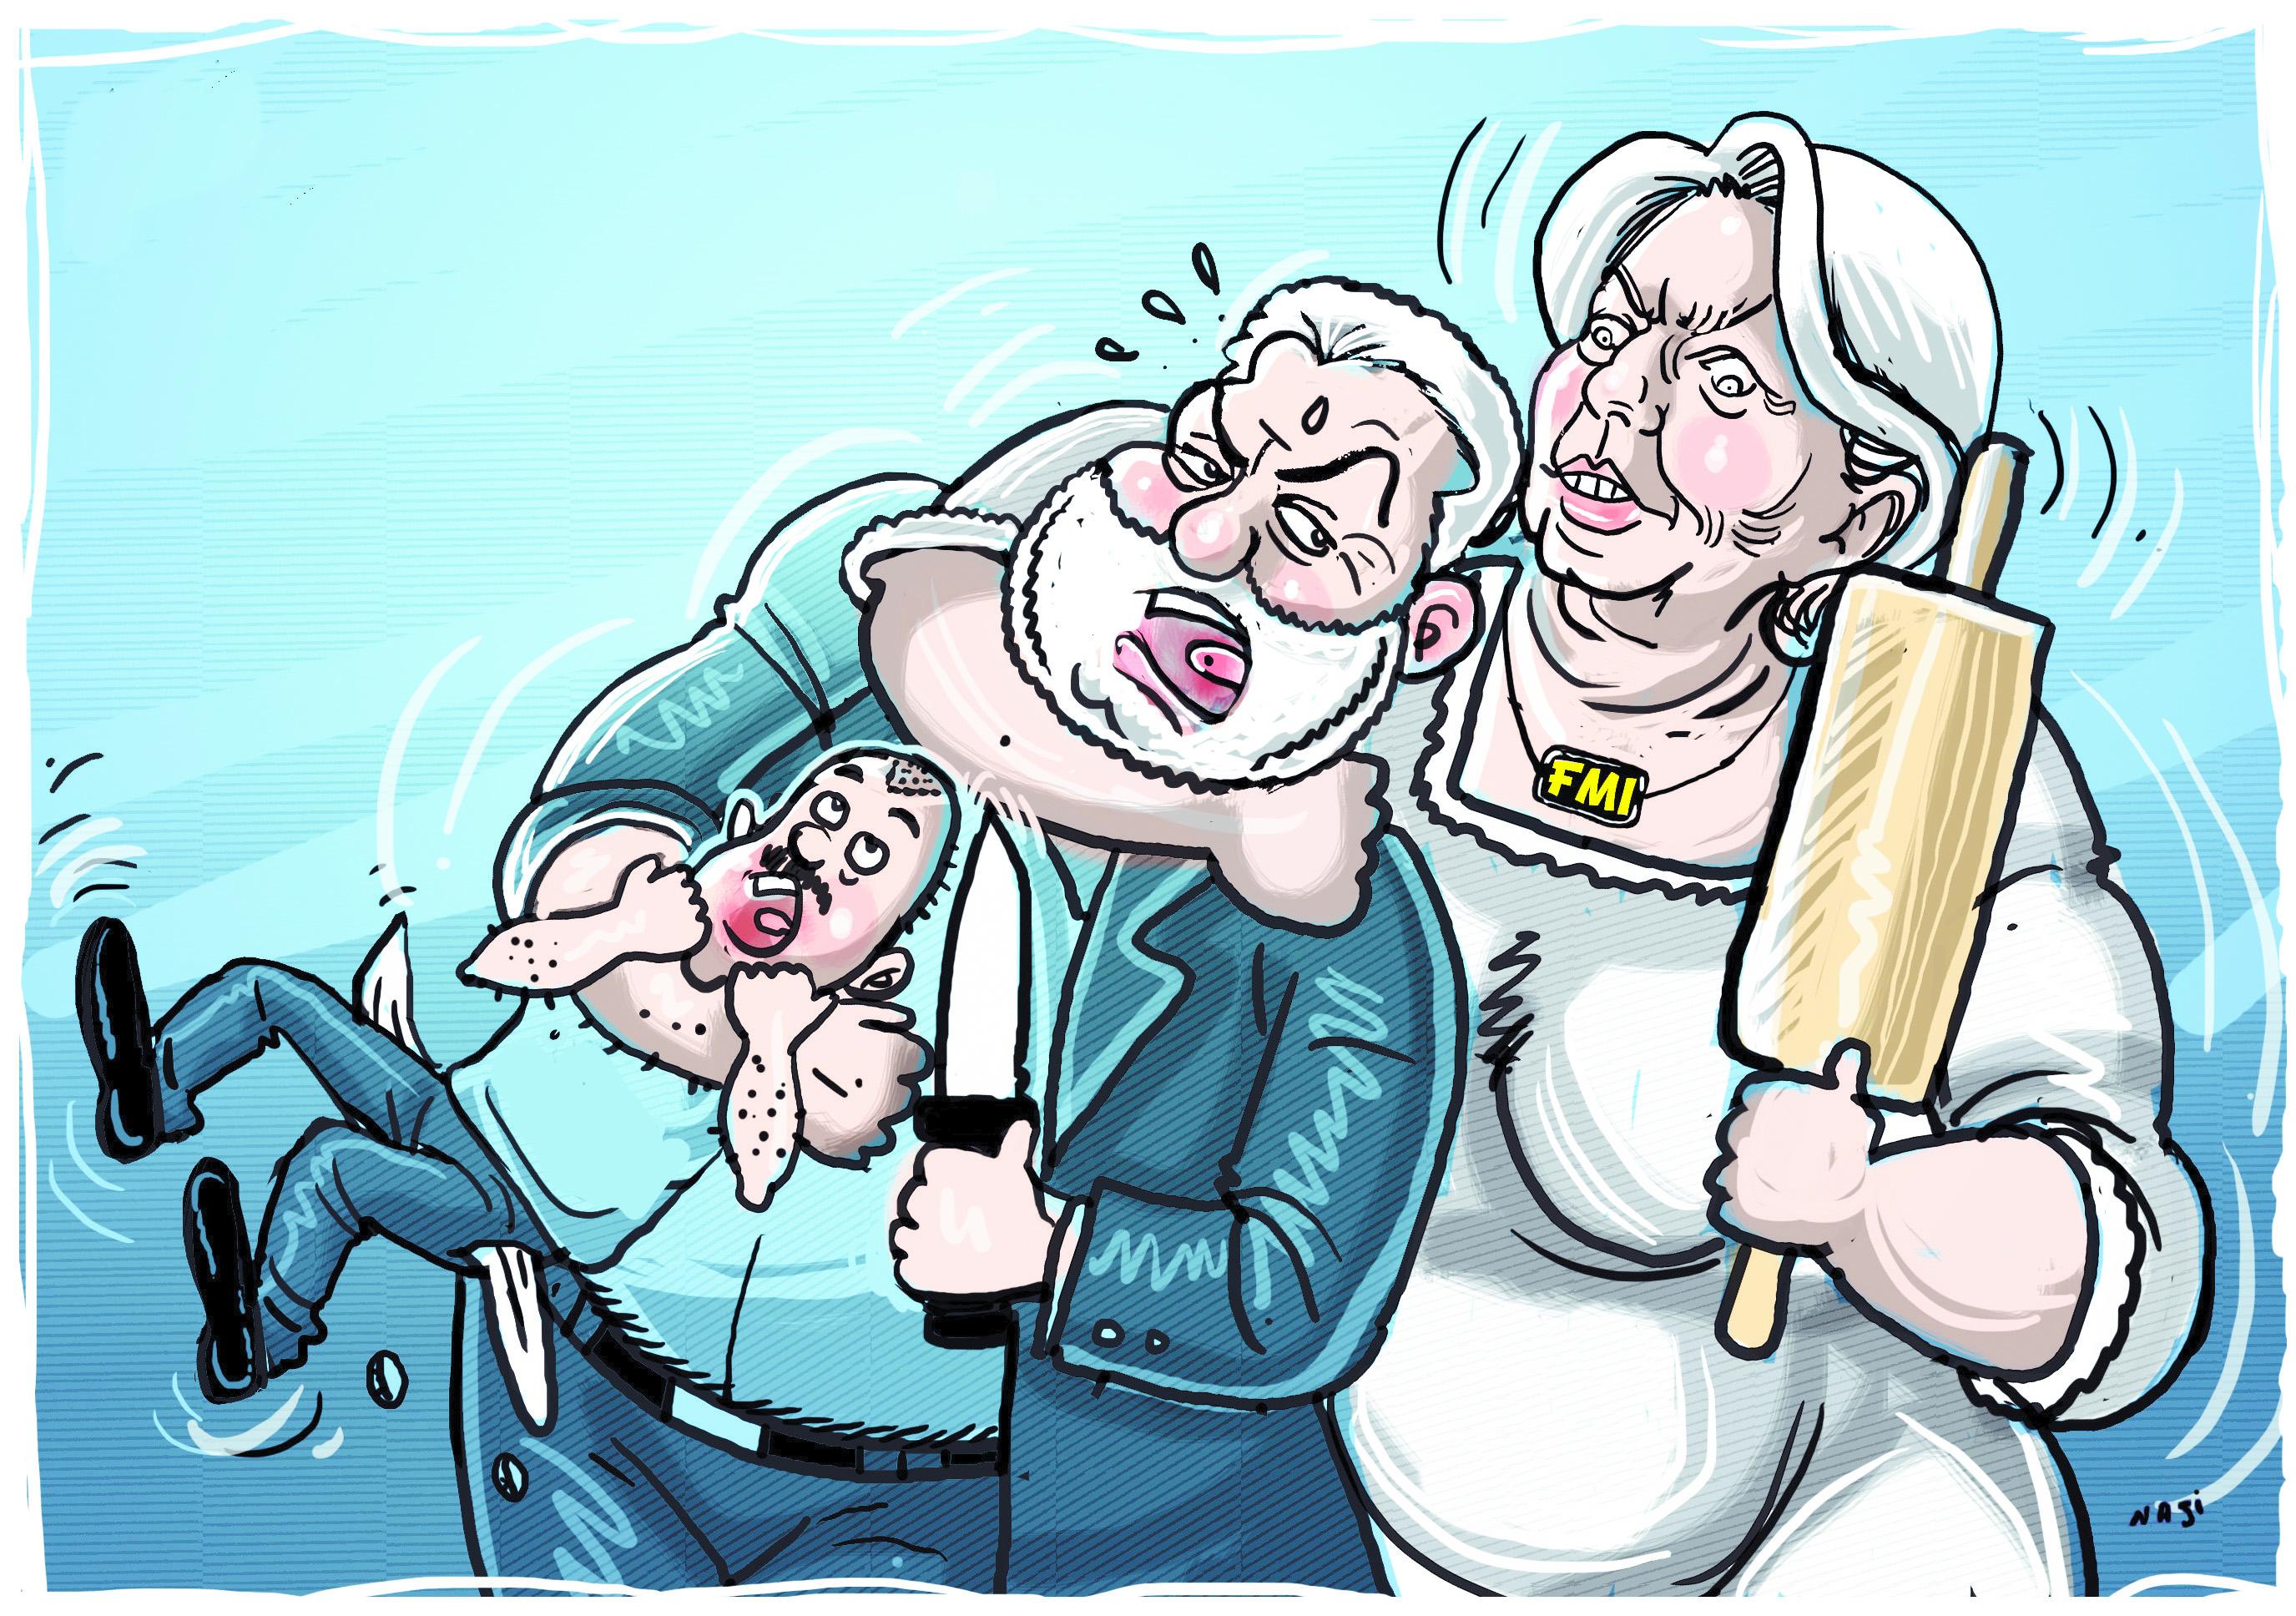 La menace du CDD se concrétise pour les fonctionnaires